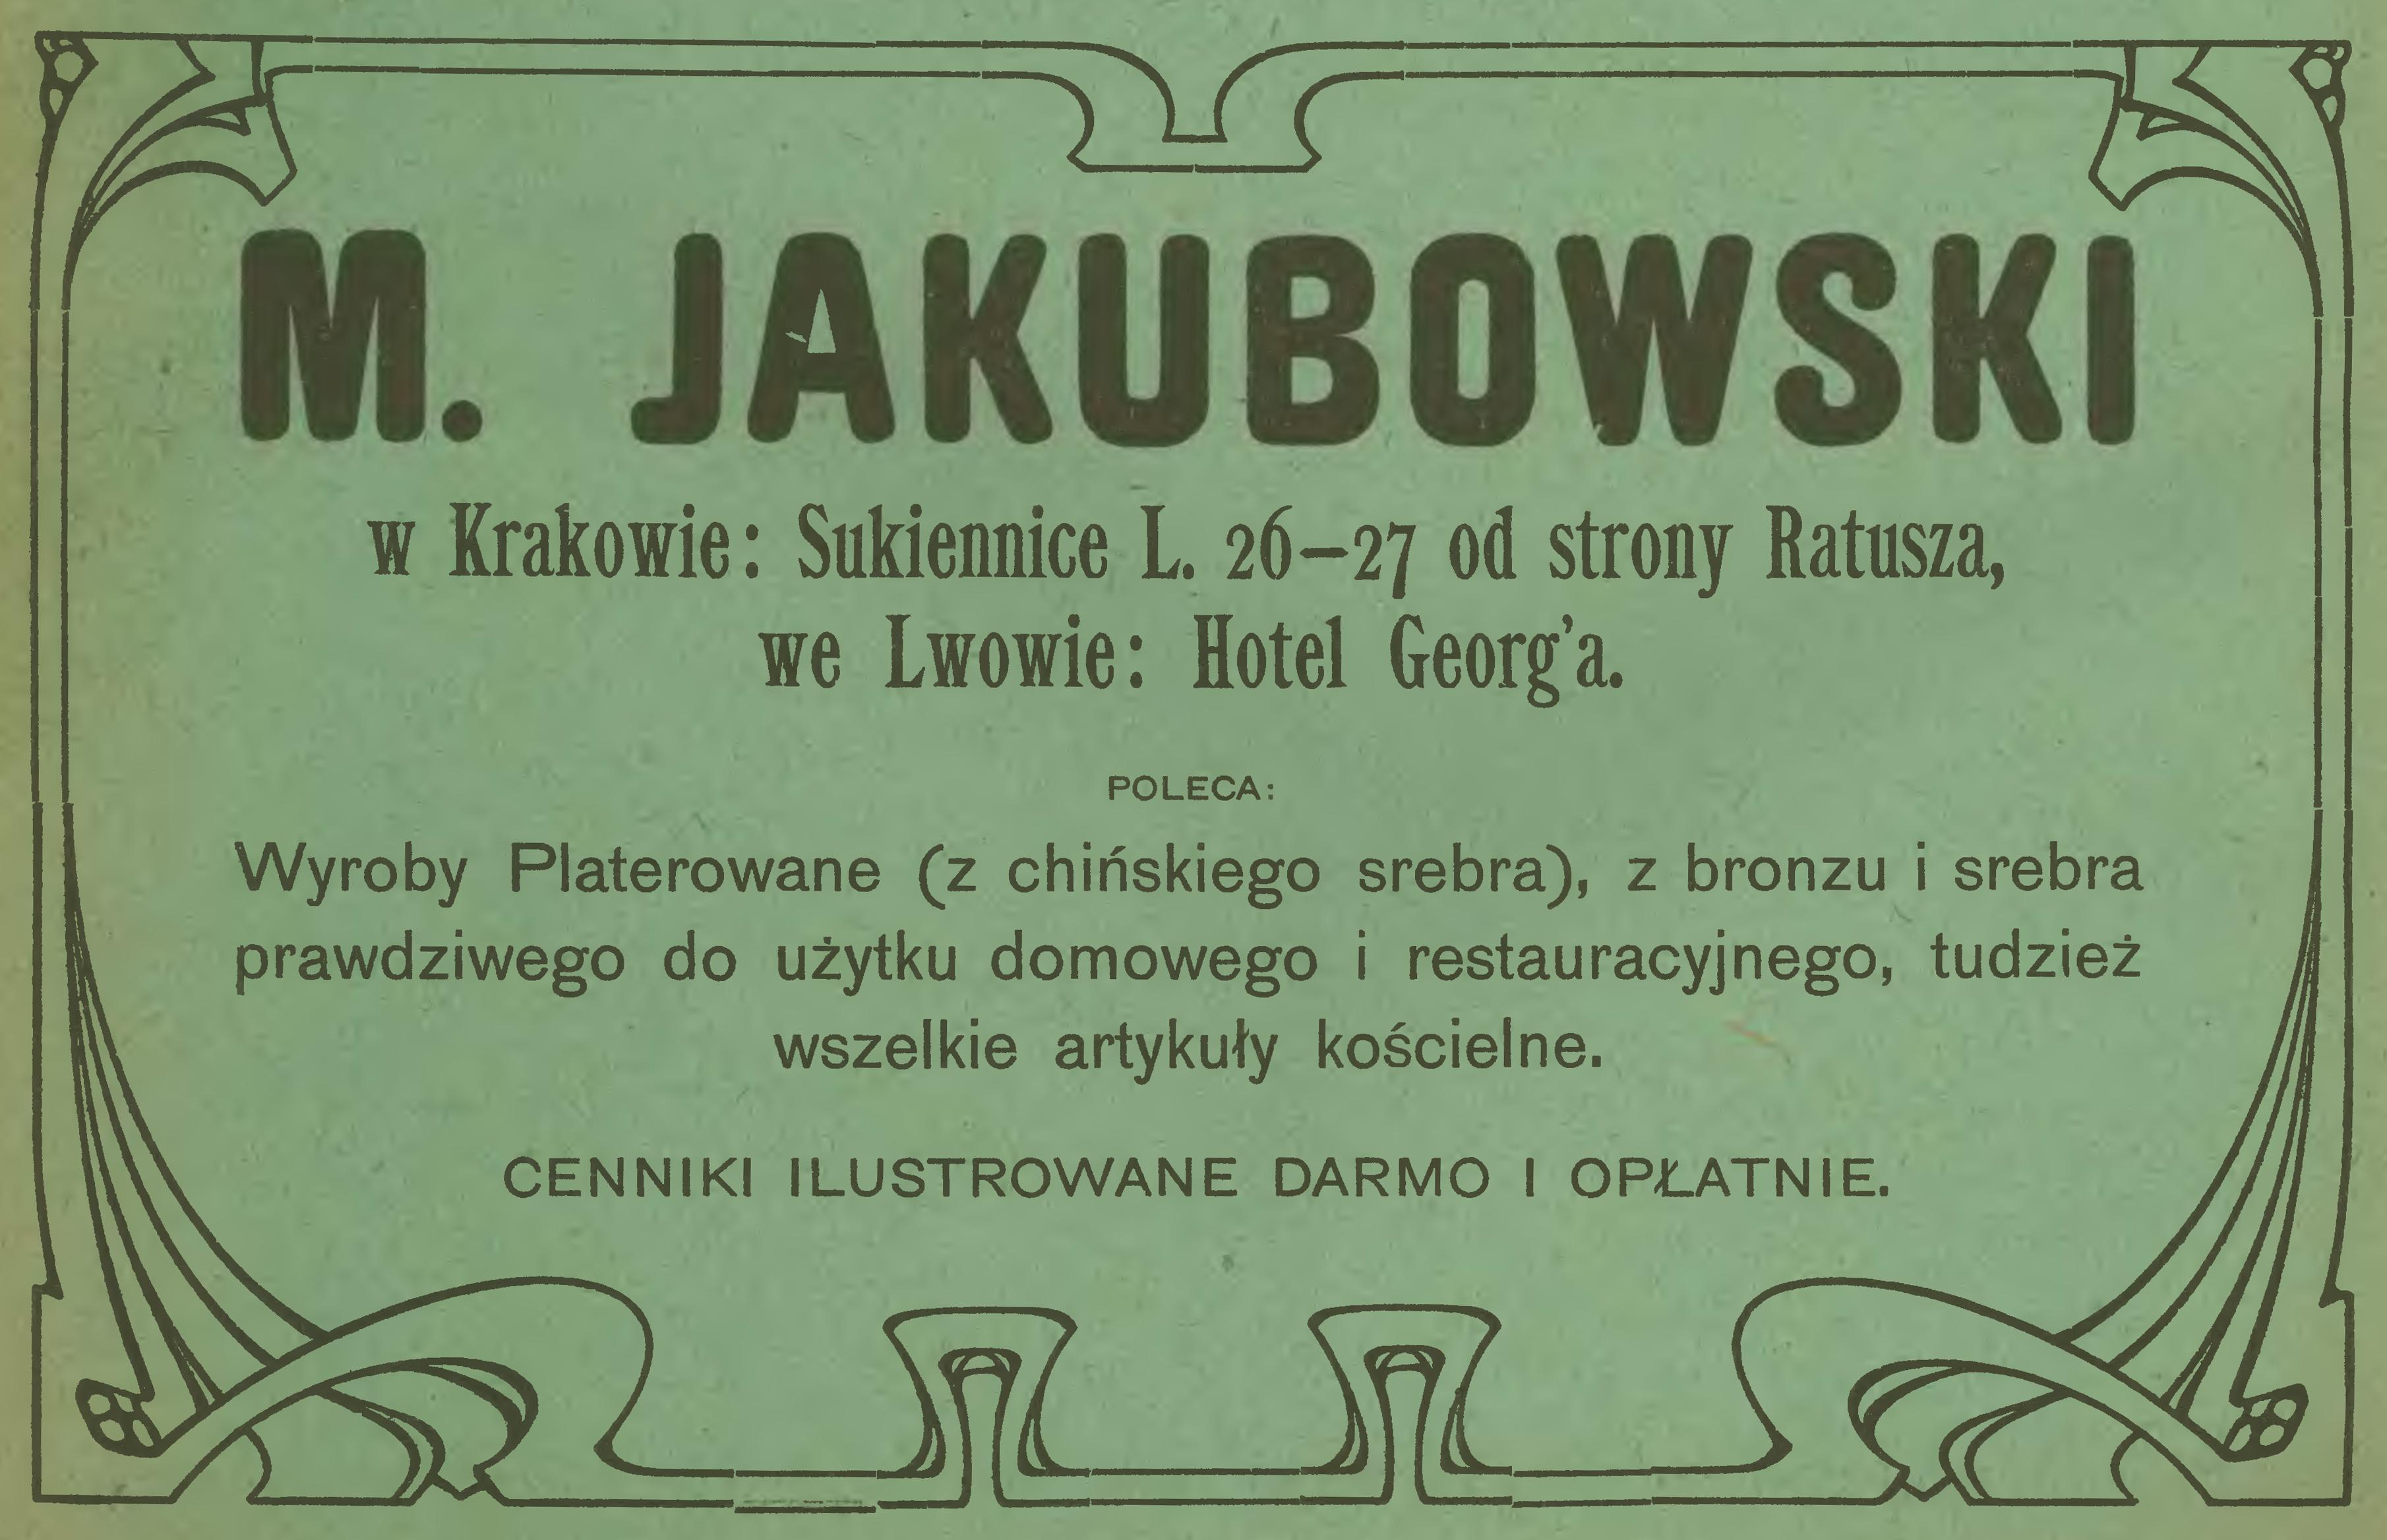 """Reklama firmy M. Jakubowskiego, źródło: """"Kalendarz Krakowski Józefa Czecha na rok 1908"""""""